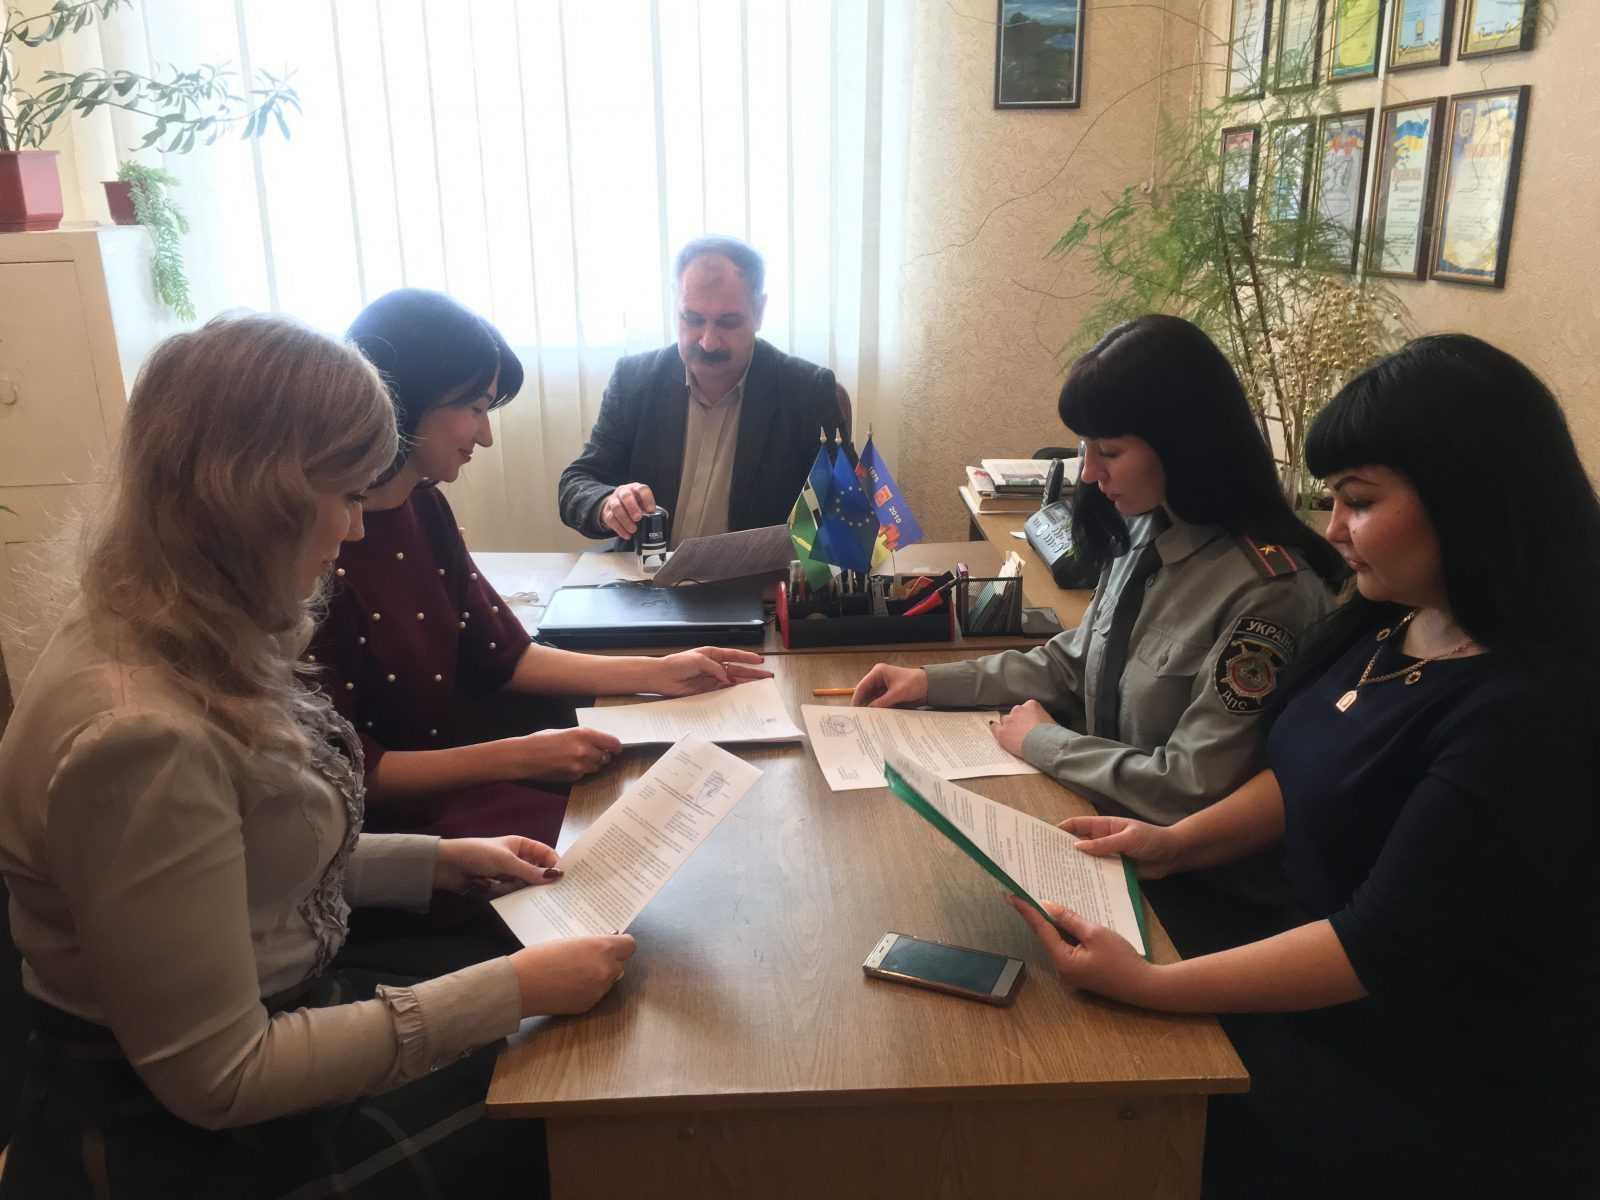 IMG 4785 1 - Робоча зустріч спеціалістів ПРЦСССДМ з представниками Покровського МРВ філії ДУ «Центра пробації».